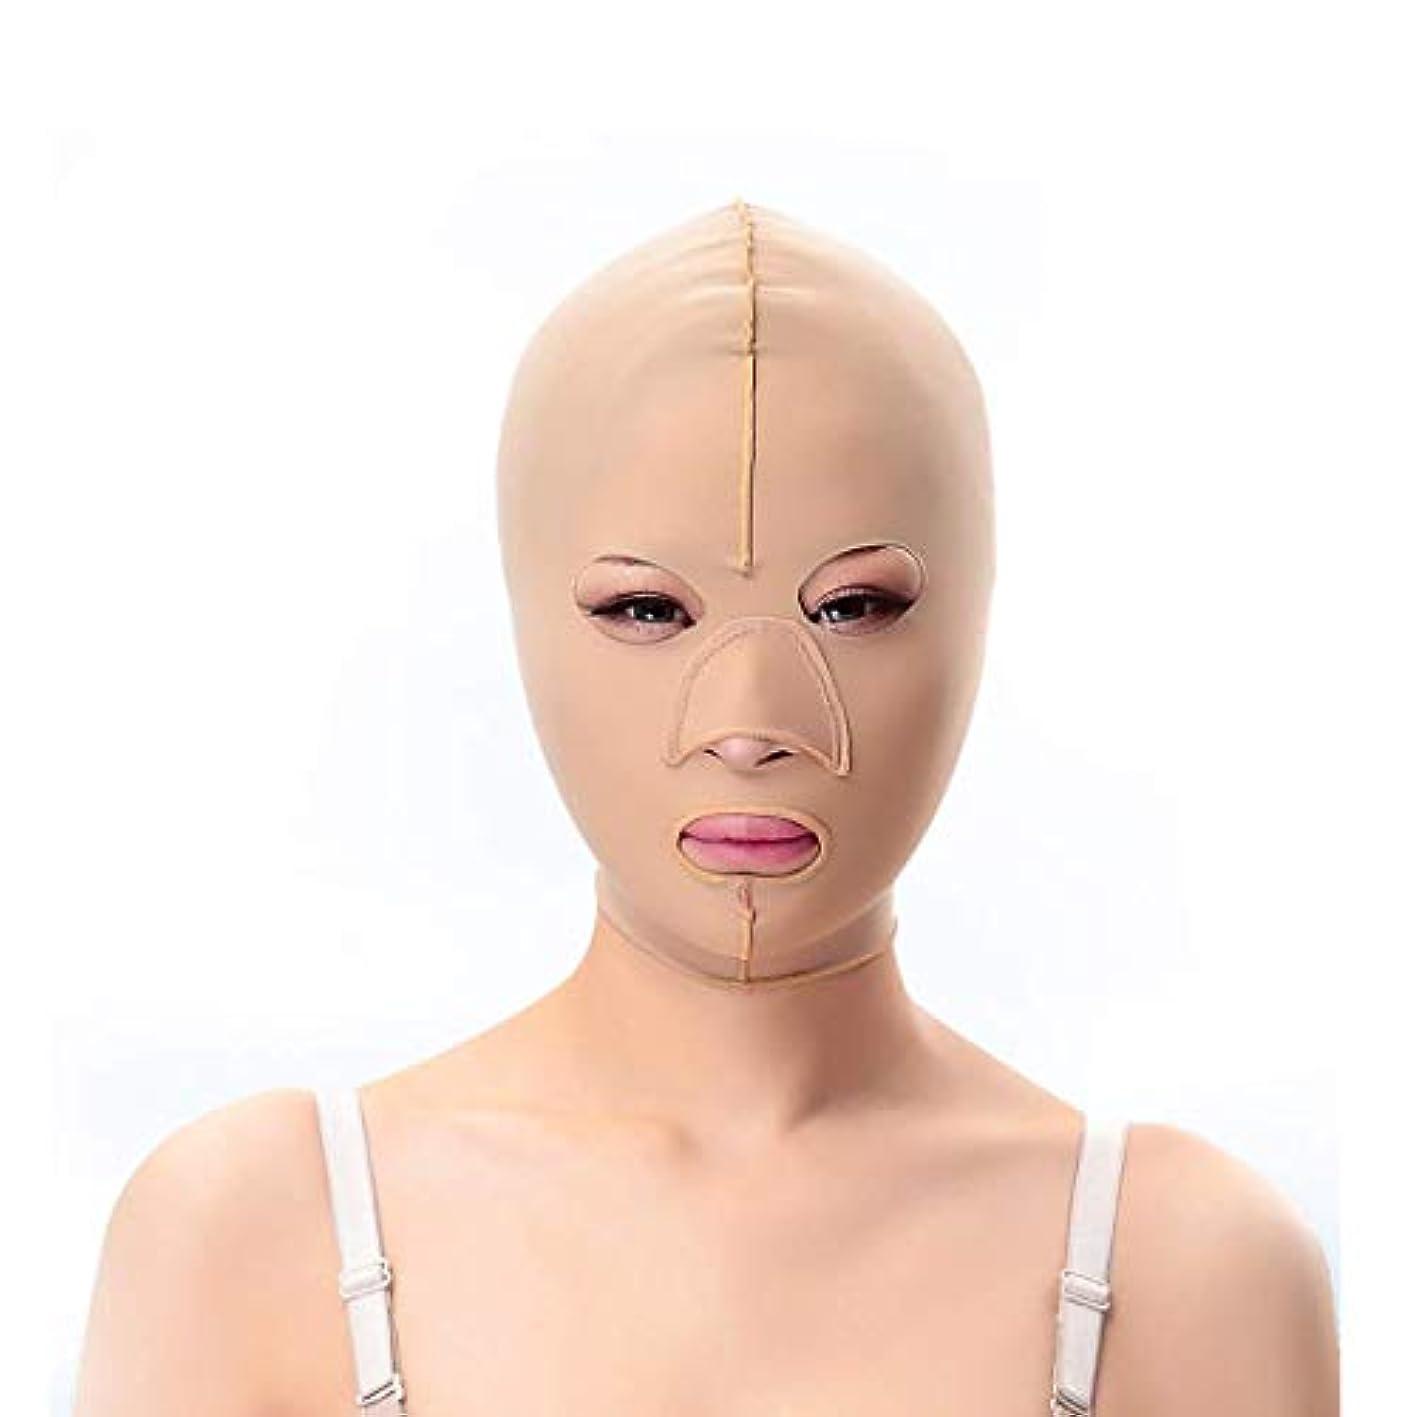 巻き戻す累積不確実スリミングベルト、二重あごの引き締め顔のプラスチックフェイスアーティファクト強力なフェイス包帯を脇に持ち上げるパターンを欺くためのフェイシャルマスクシンフェイスマスク(サイズ:L),M